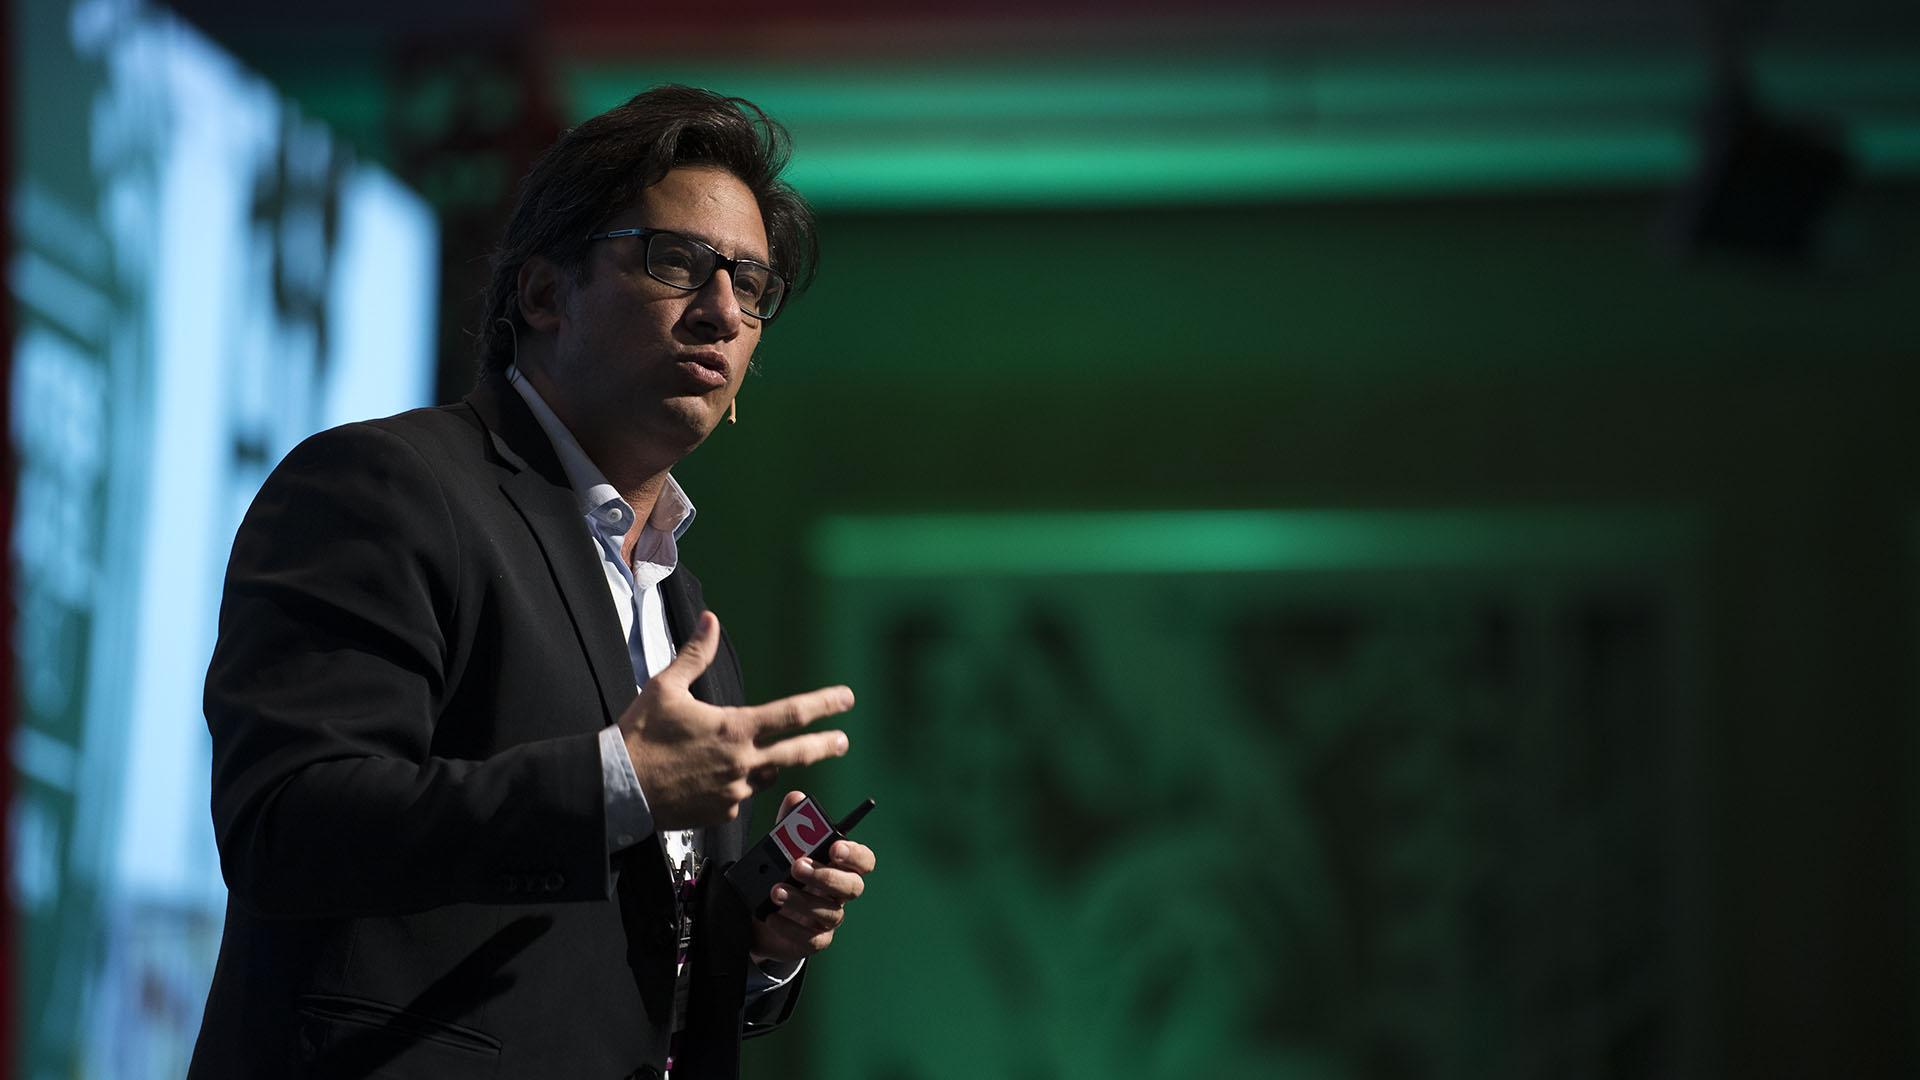 Germán Garavano, Ministro de Justicia y Derechos Humanos de la Nación, durante su ponencia en el Tercer Panel del Coloquio IDEA